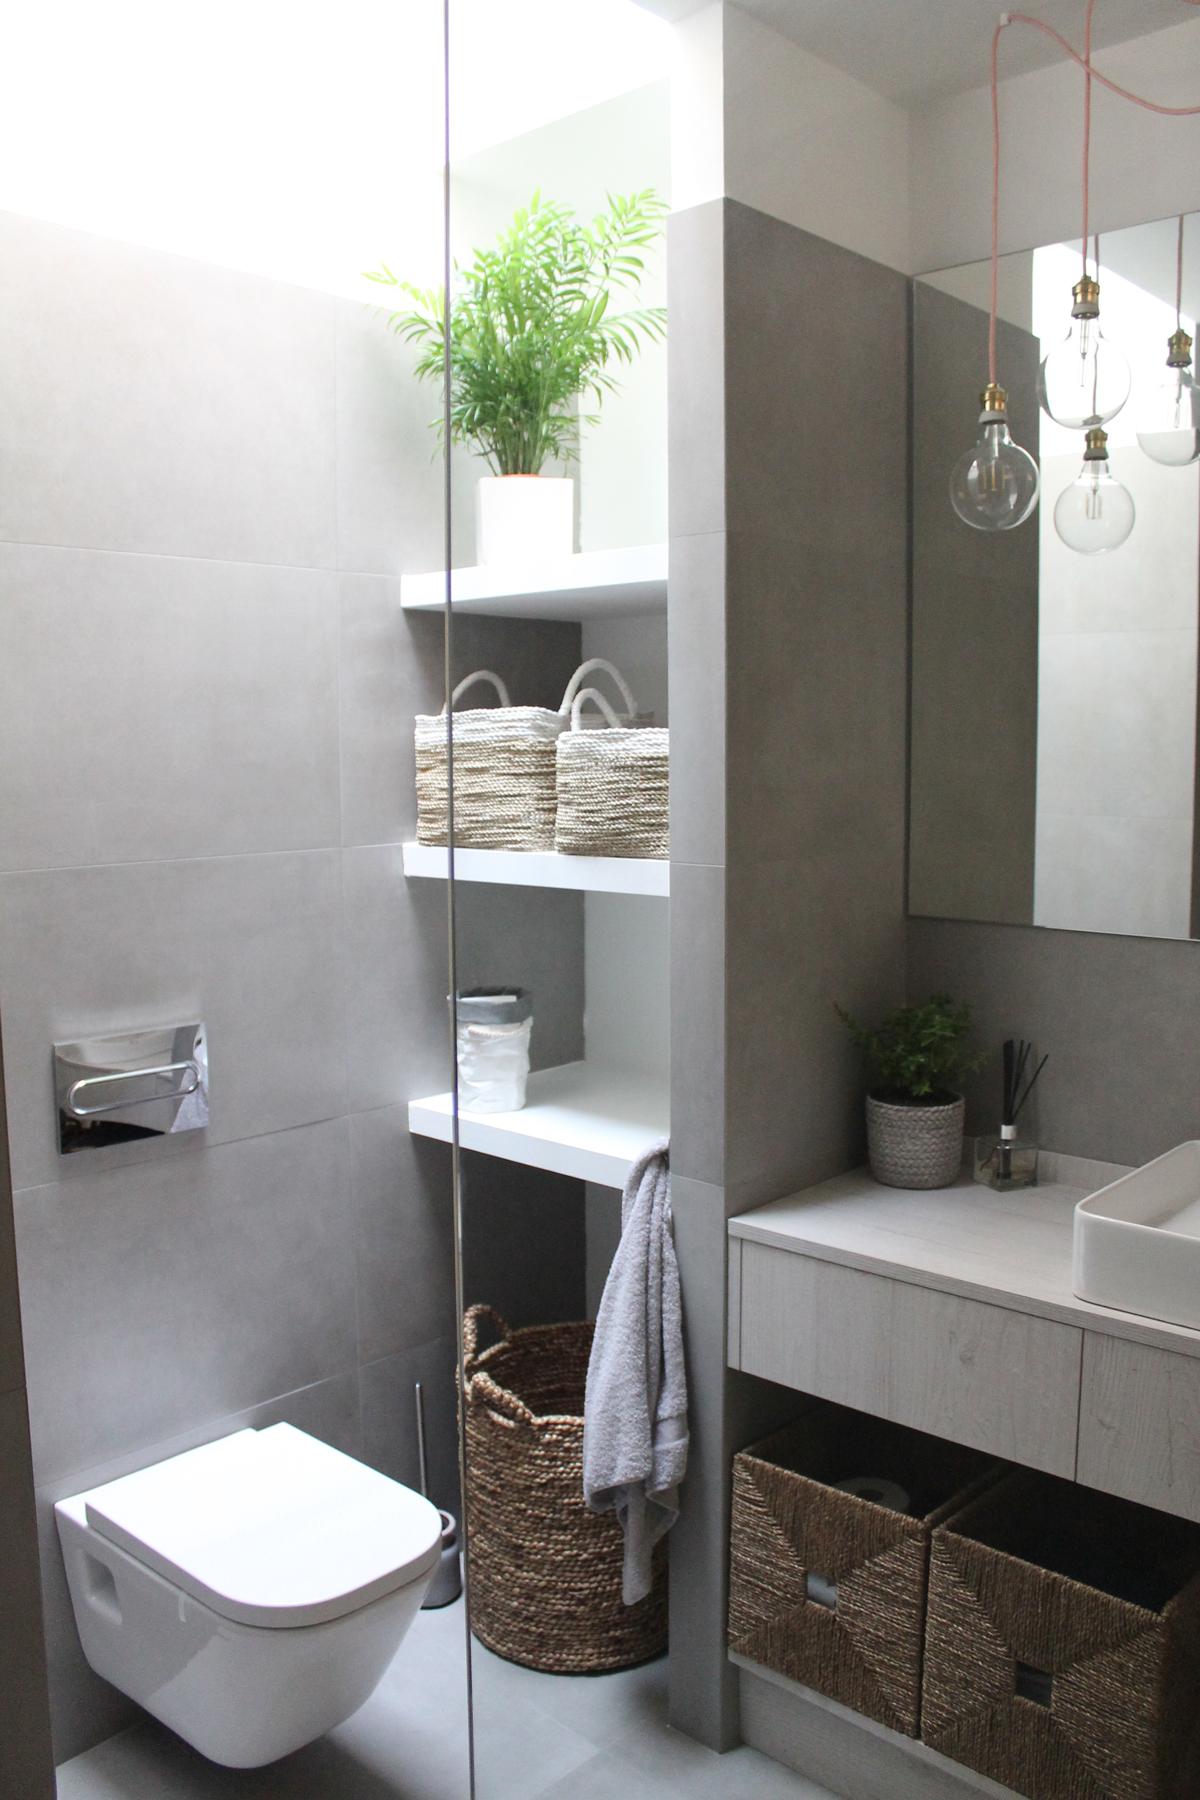 Decoradores y arquitectos j venes de moda for Decorar piso gris